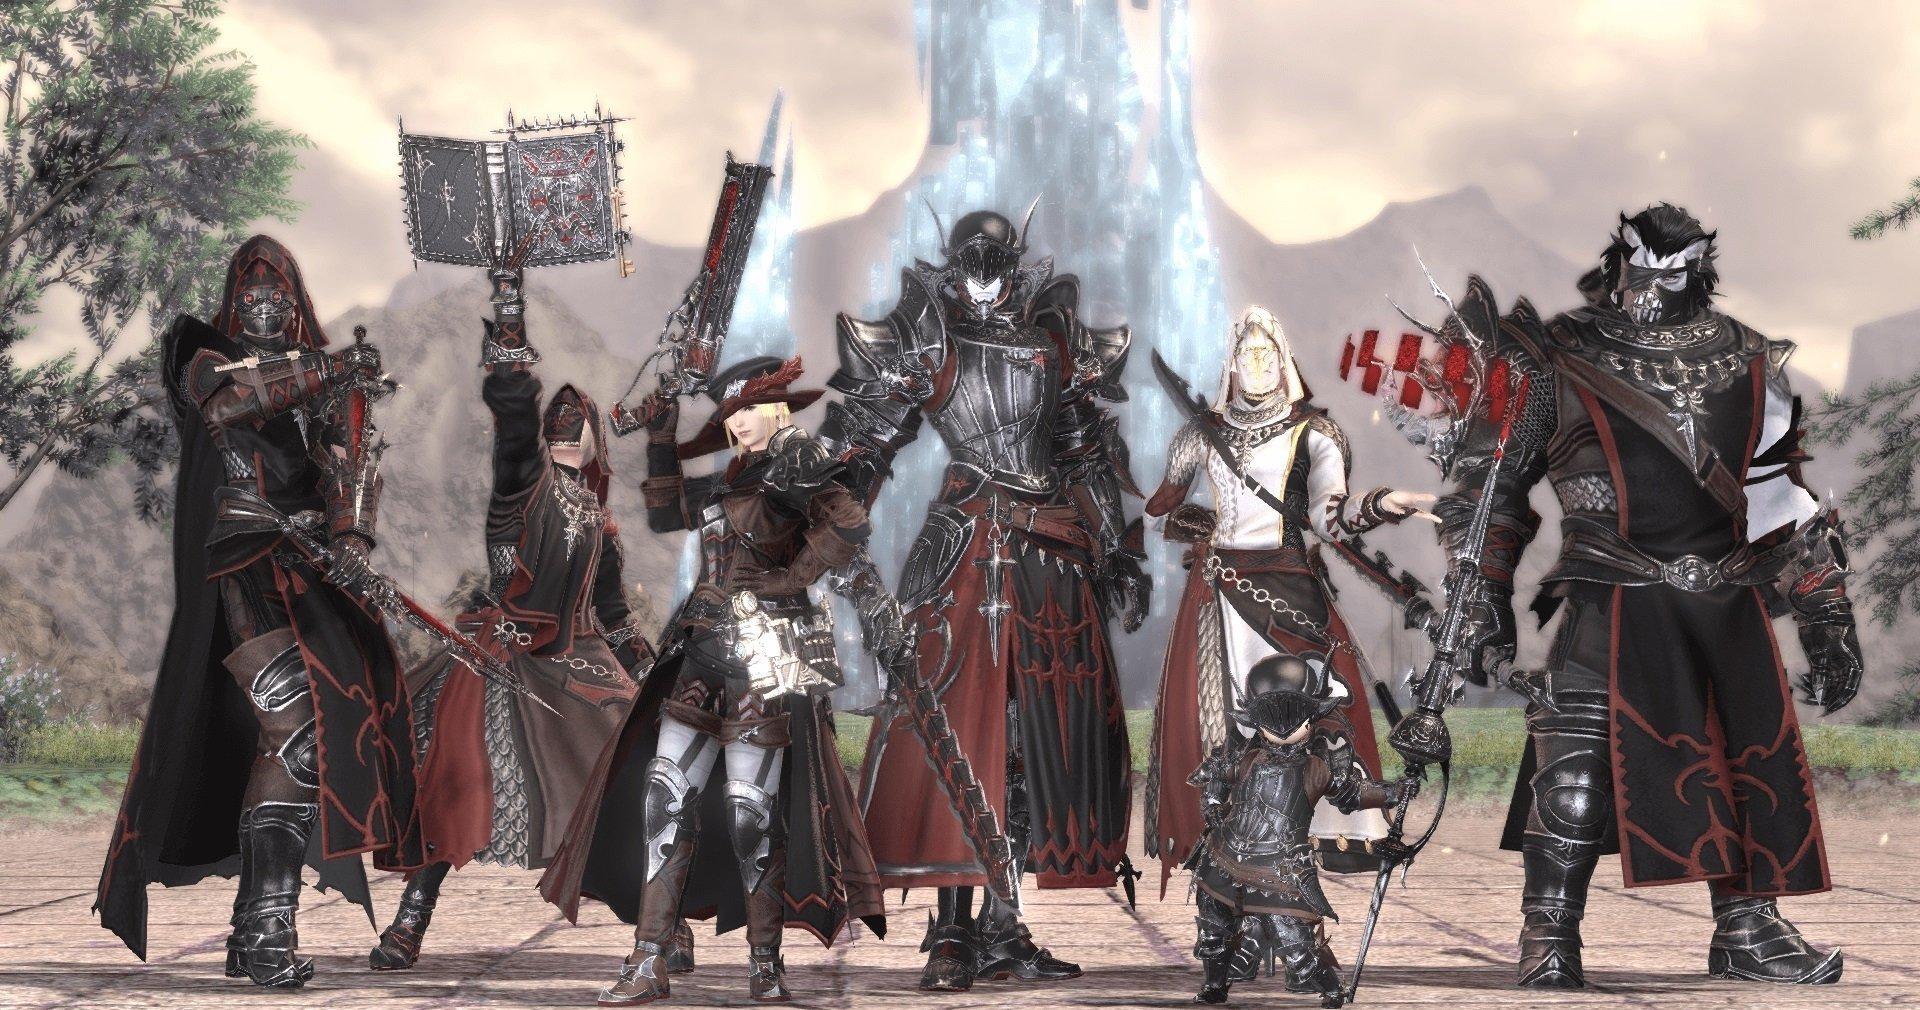 Final Fantasy XIV Shadowbringers Eden's Gate